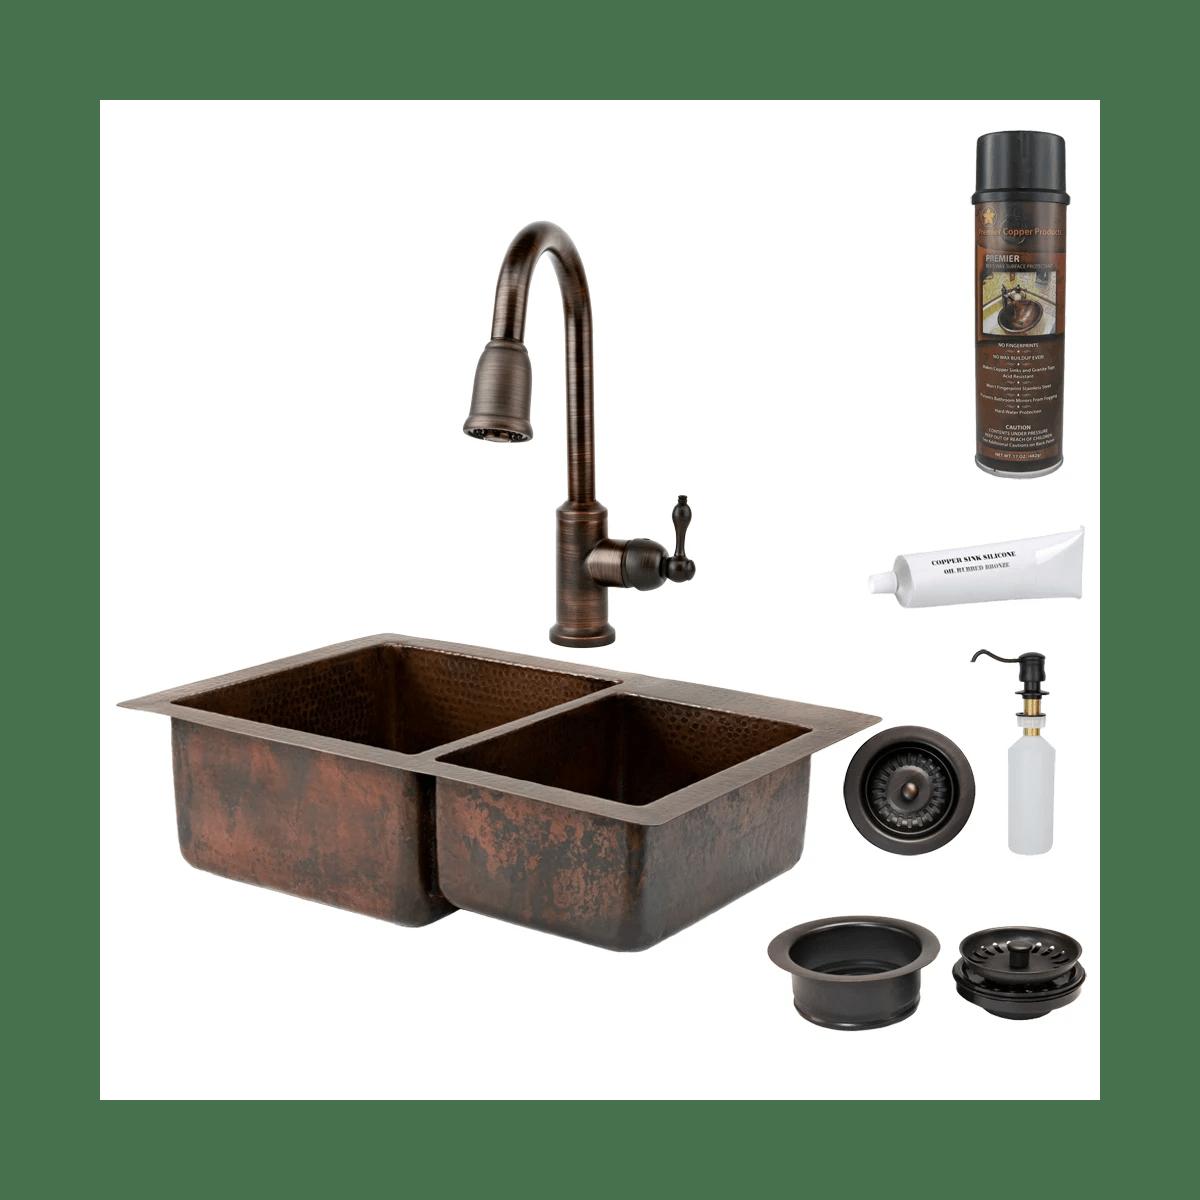 premier copper products ksp2 k60db33229